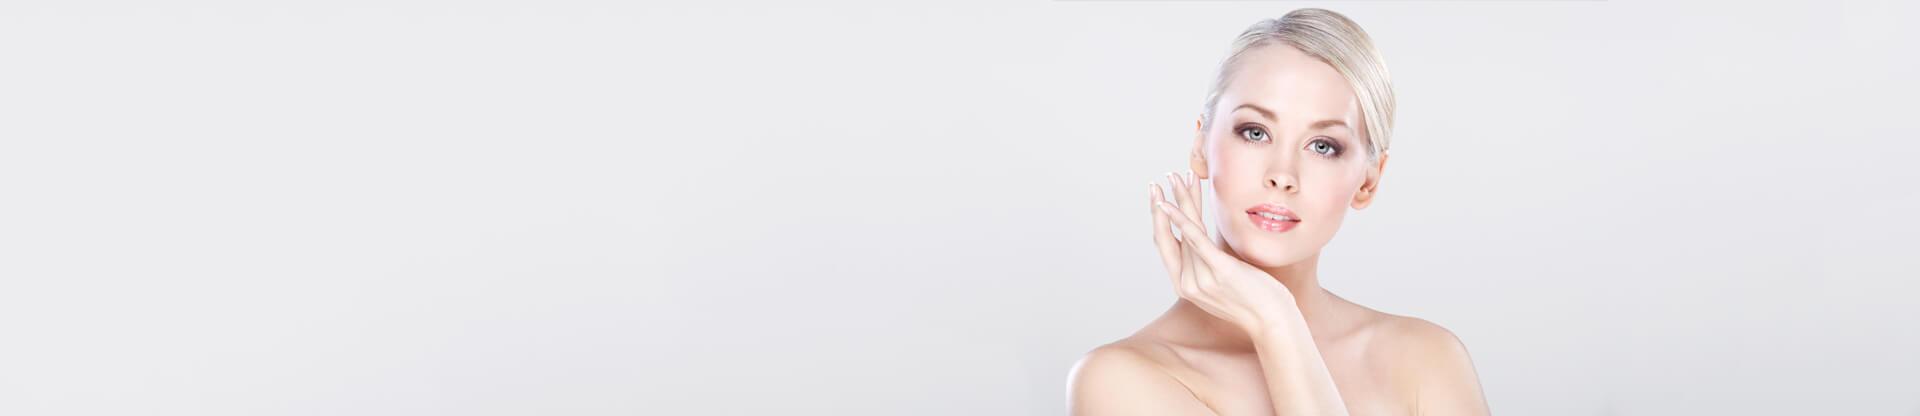 Young beautiful caucasian woman with natural makeup posing